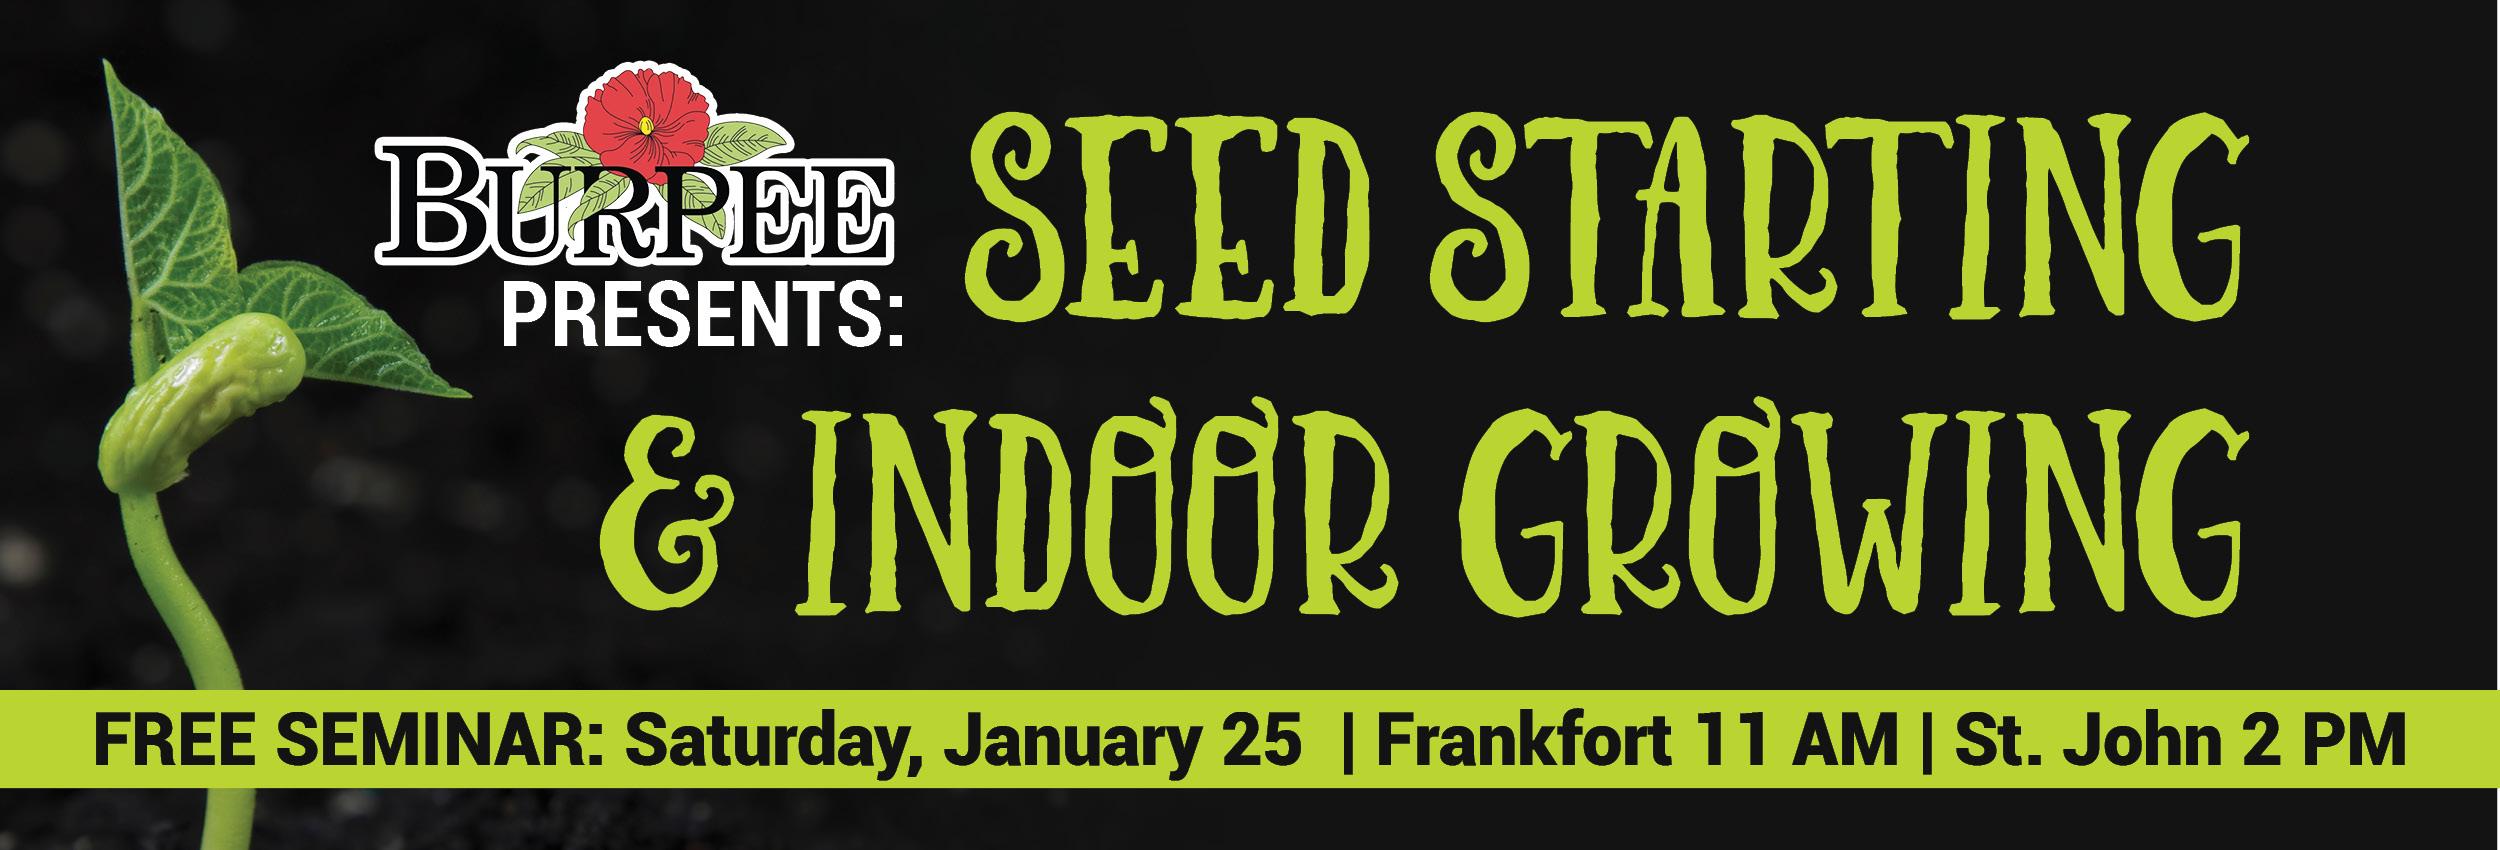 Indoor Seed Starting Seminar Presented by Burpee